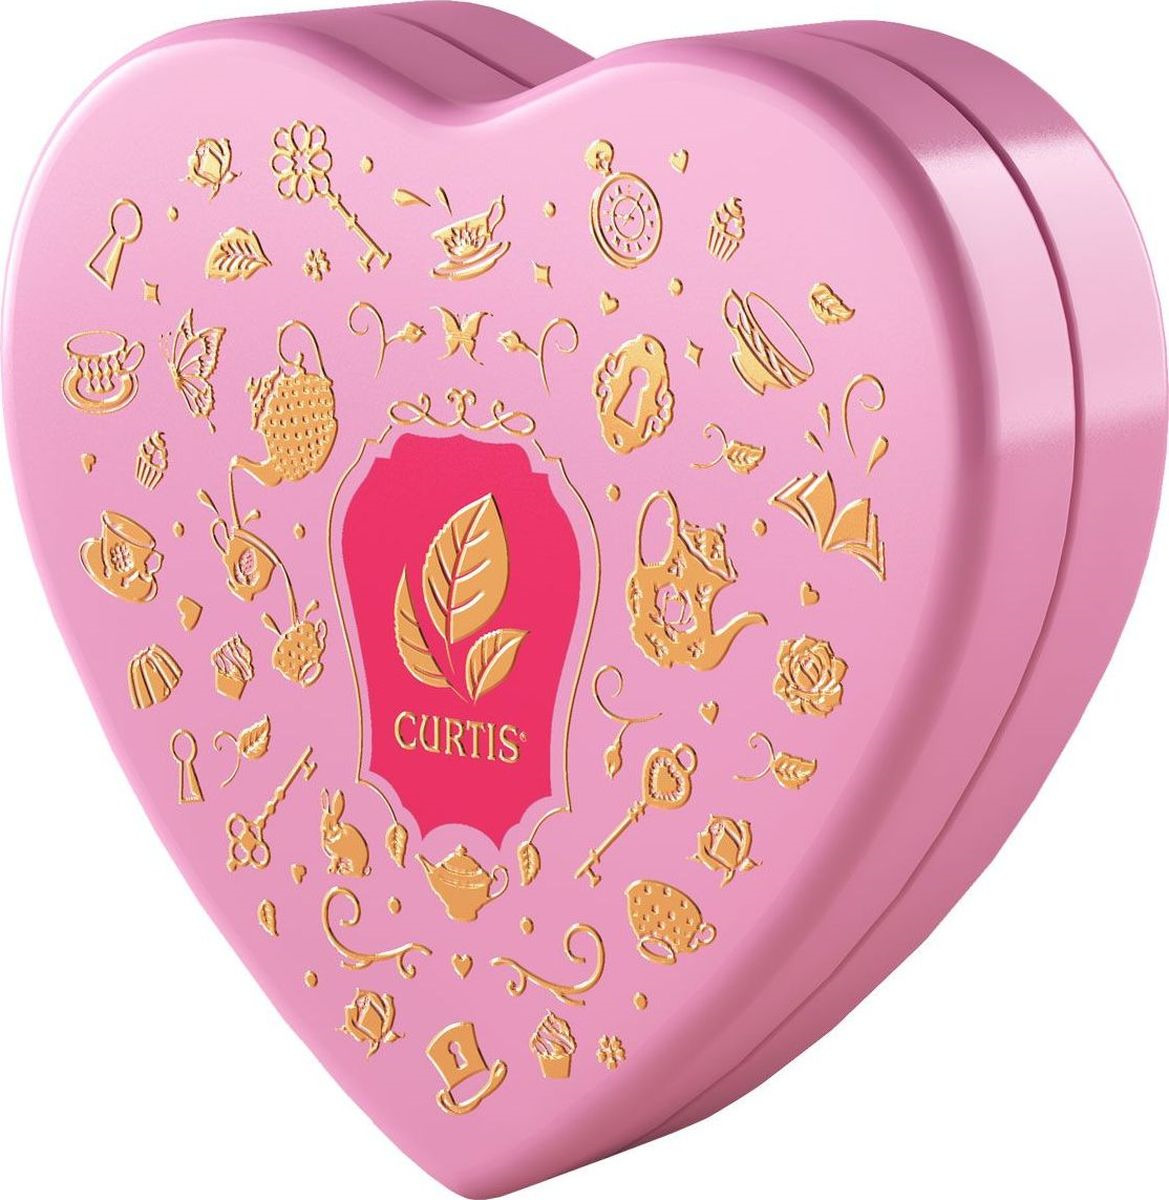 Чай листовой Curtis Wonderland Collection Strawberry & Cream, ароматизированный, цвет коробки розовый, 40 г цена 2017